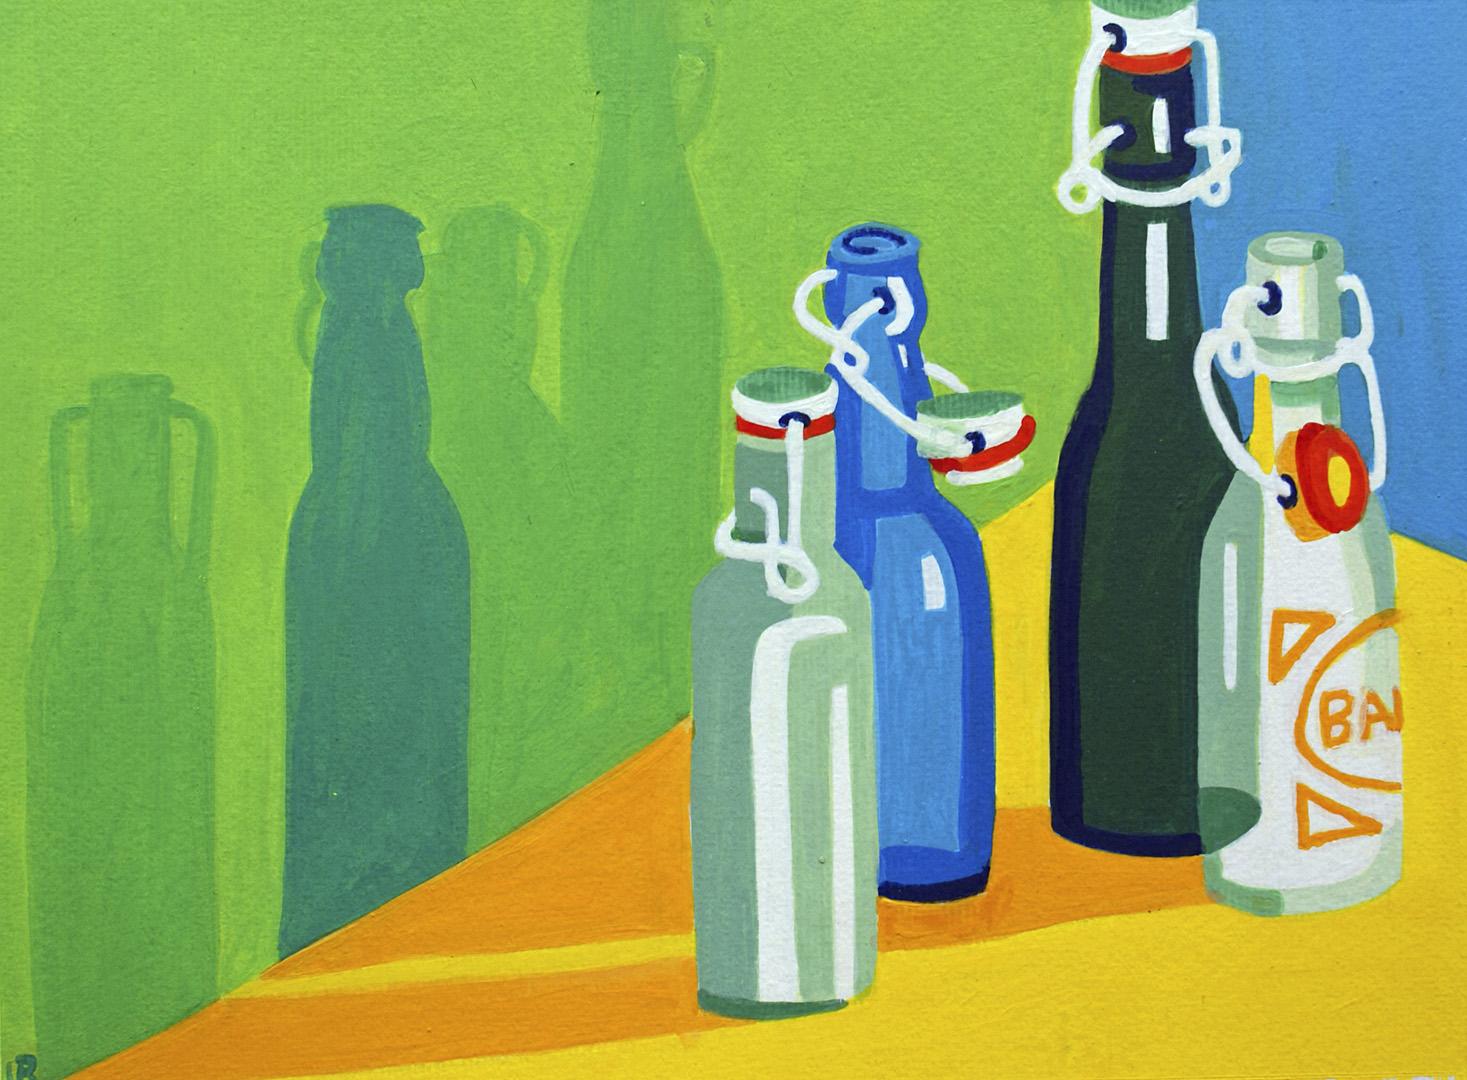 Vier unterschiedliche Bierflaschen